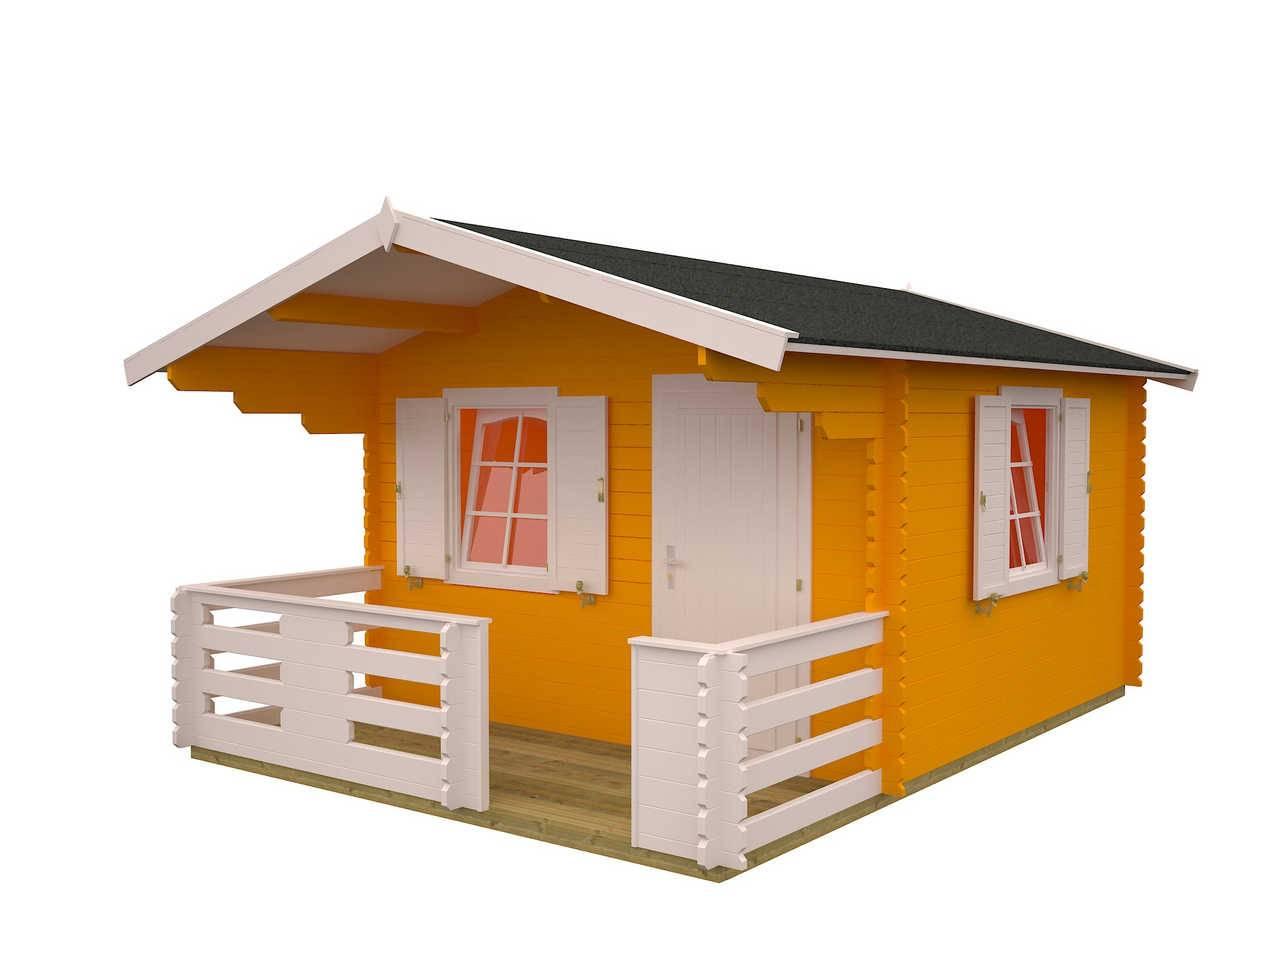 Gartensauna Modern palmako gartenhaus sylvi 10 4 4 2 m gartenhaus king de